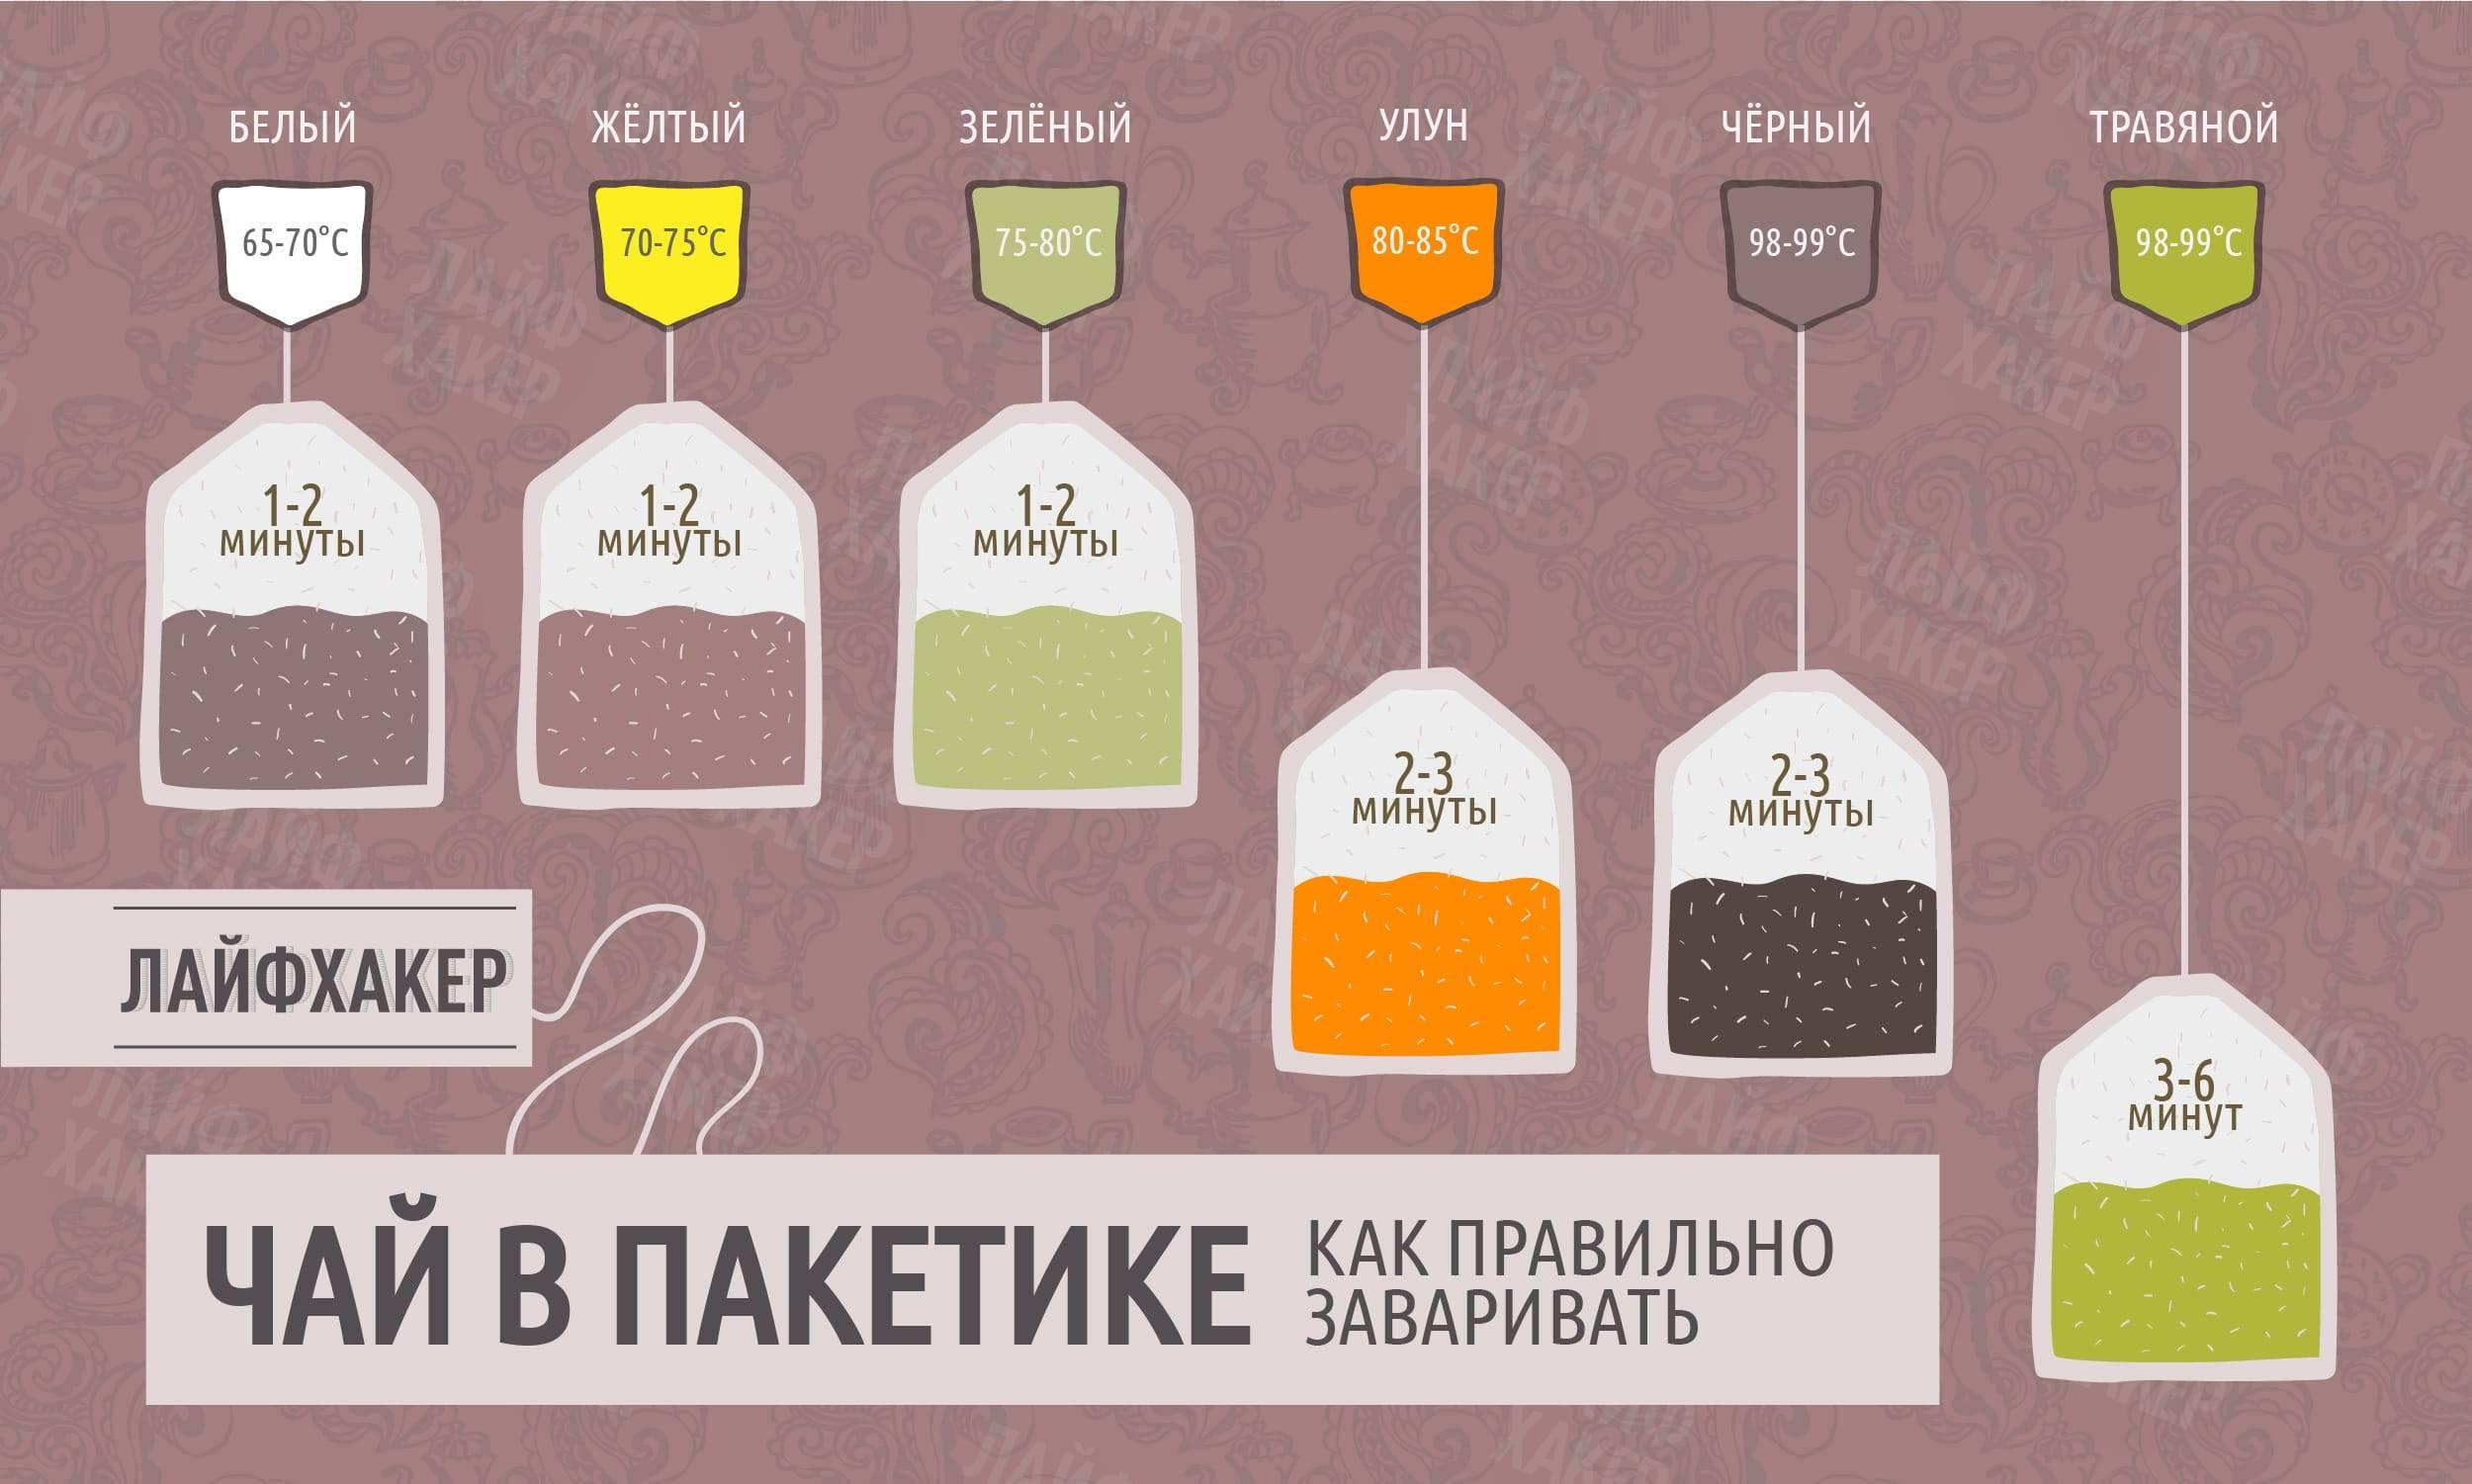 Чай грузинский, история чаеводства в грузии